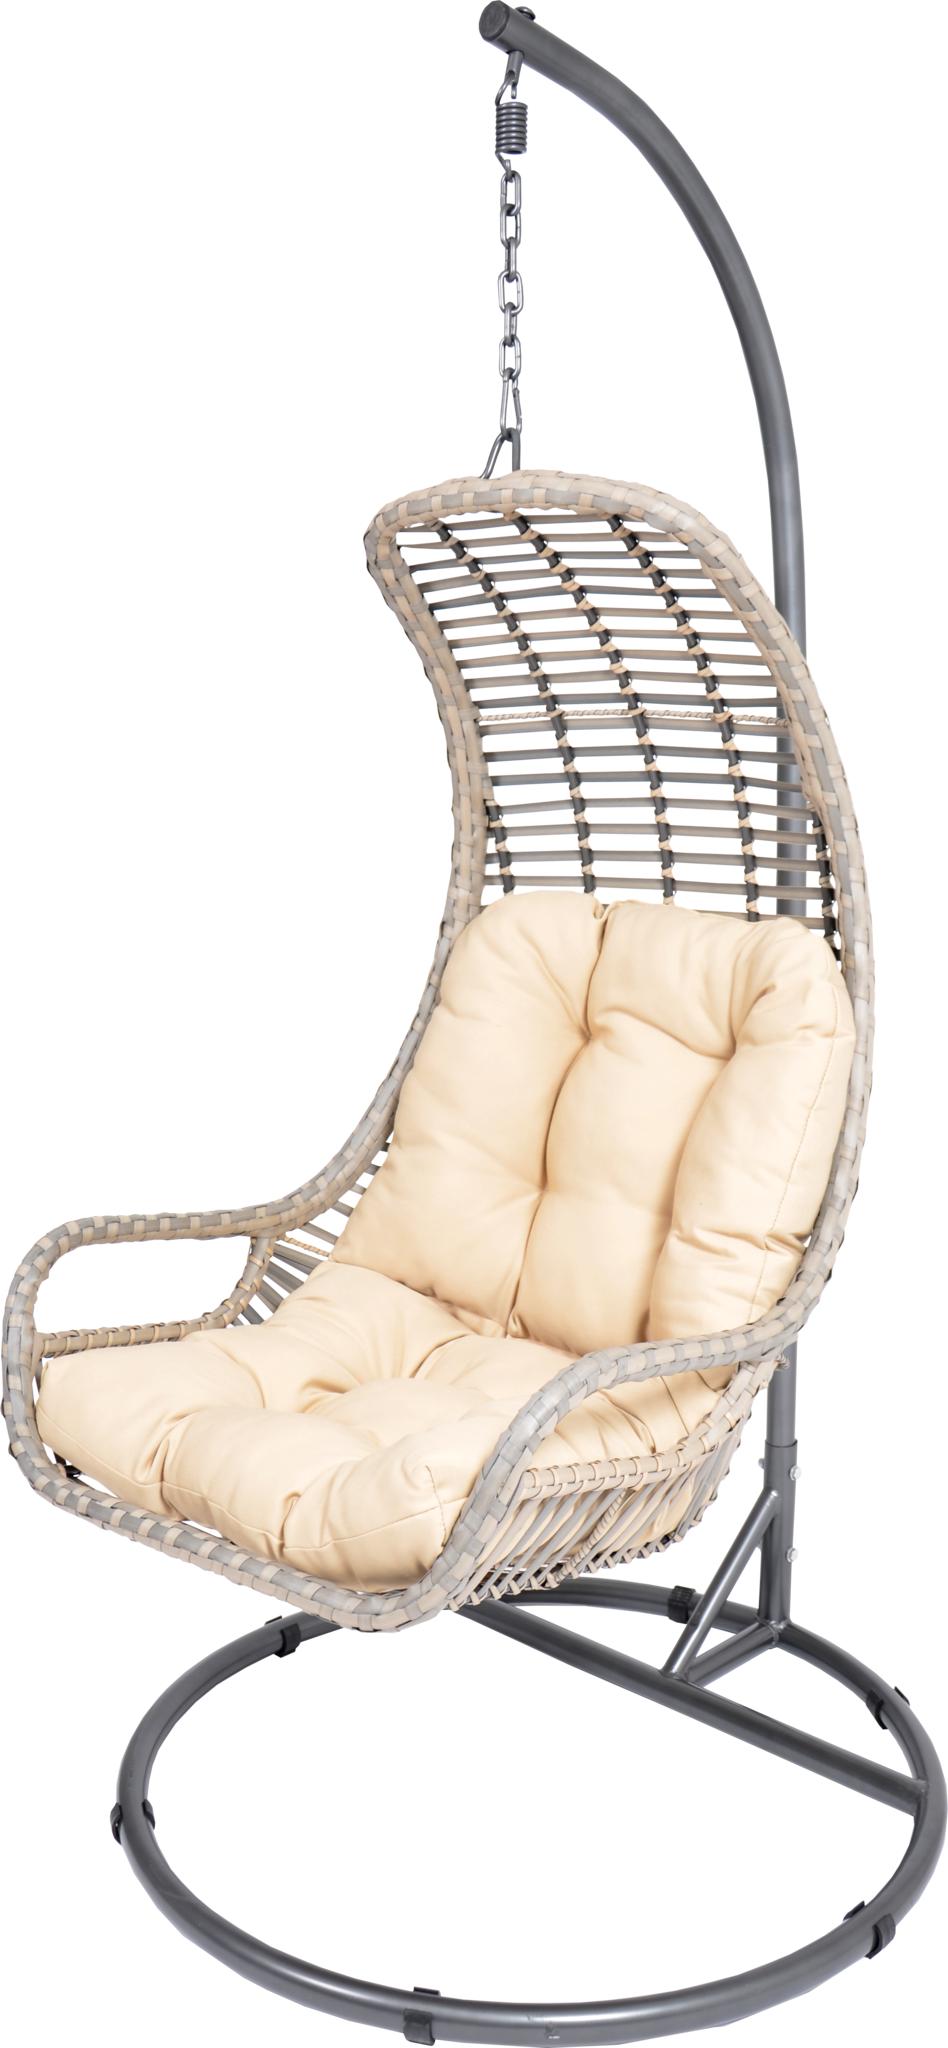 Hangstoel Incl Standaard.Hangstoel Relax Sandy Lesli Living Garden Interiors